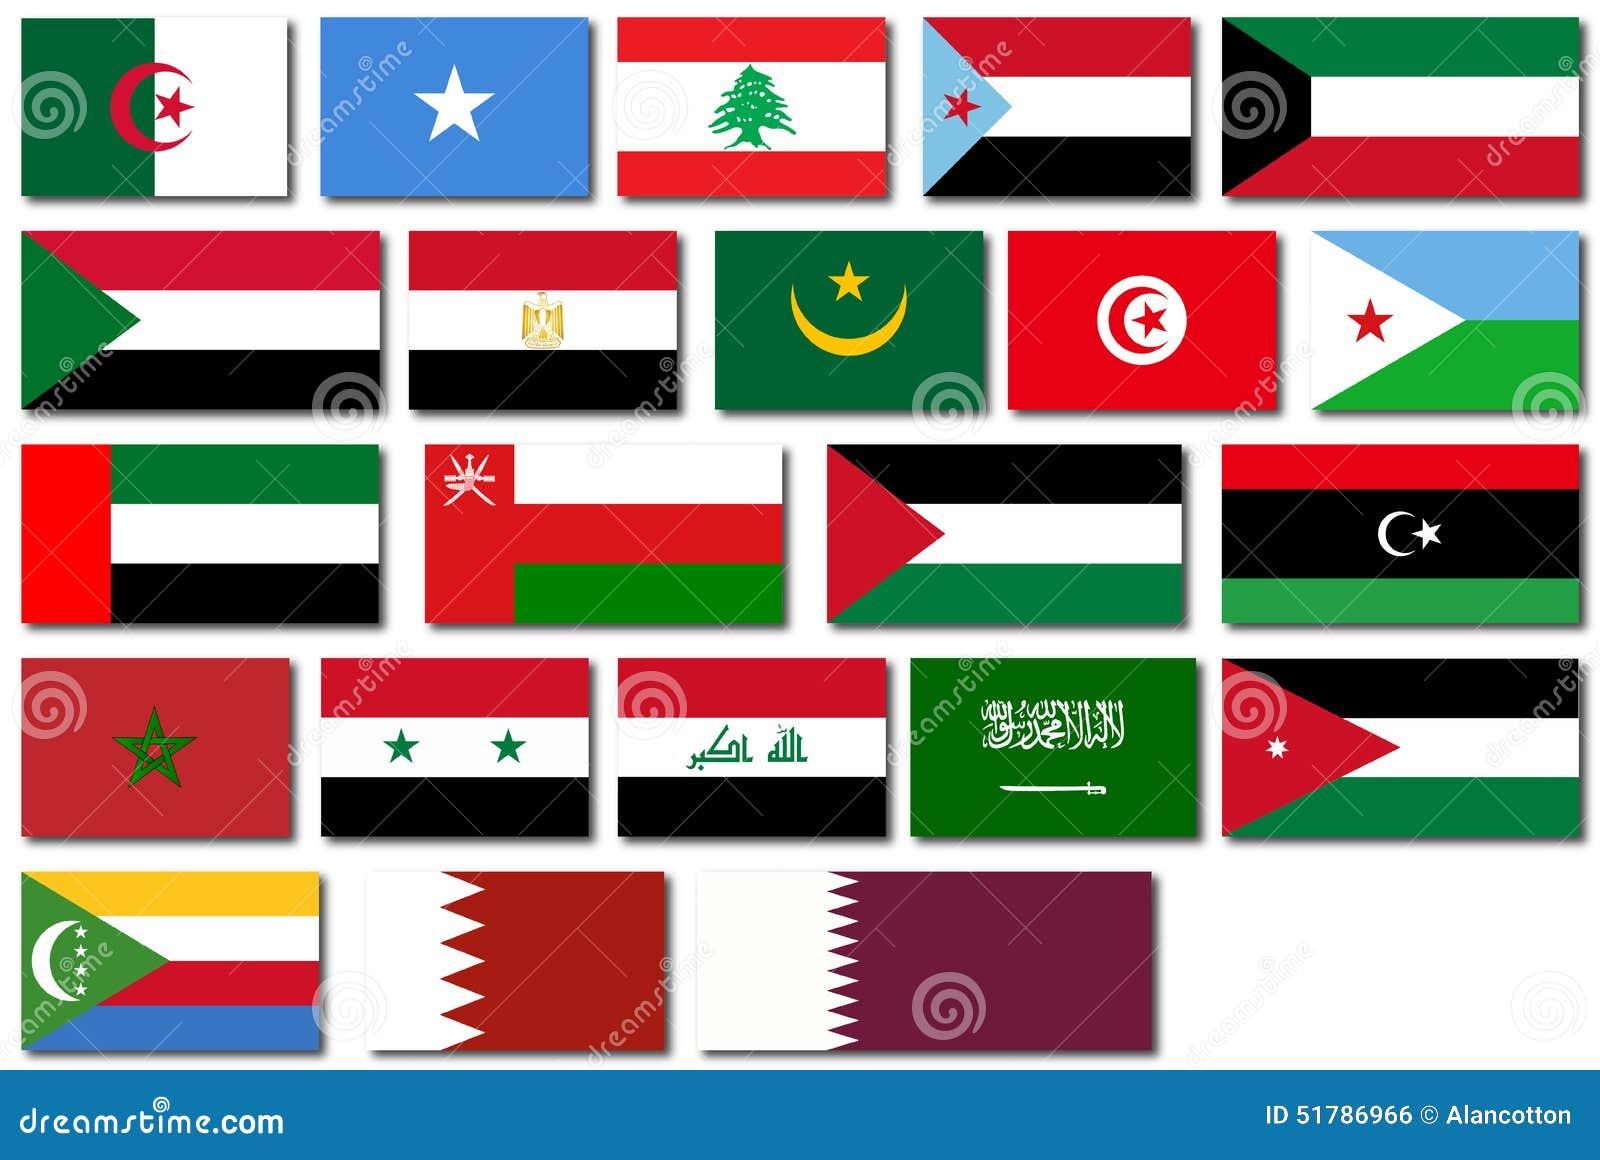 Afbeeldingsresultaat voor vlaggen arabische landen